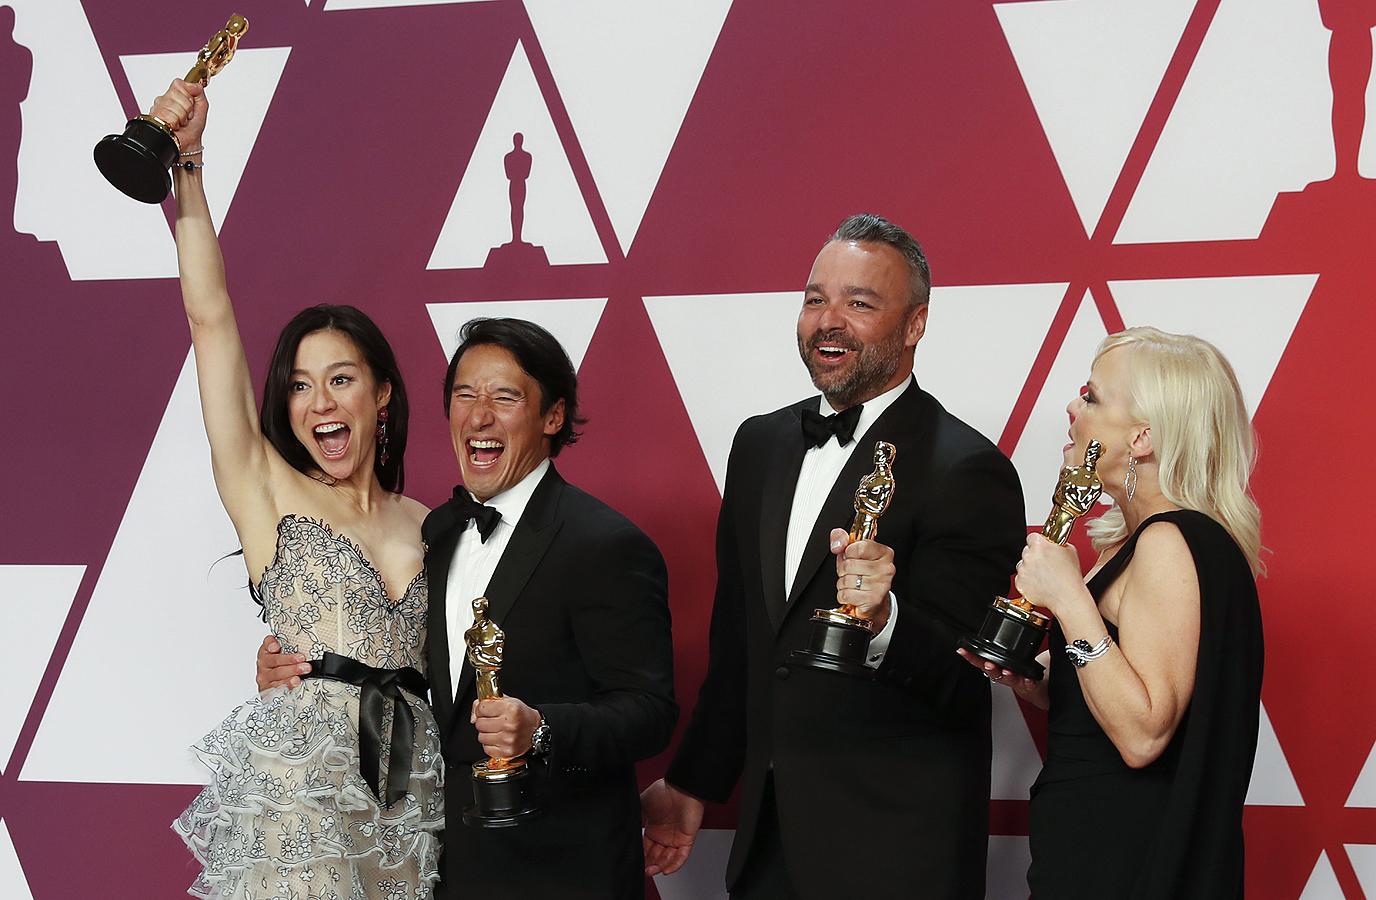 """За най-добър документален филм, наградата взима филмът Free Solo на """"Нешънъл Джиографик"""", за това как през 2015 г. Томи Колдуел и Кевин Йоргесон изкачват с голи ръце Стена на зората на Ел Капитан в националния парк """"Йосемити""""."""